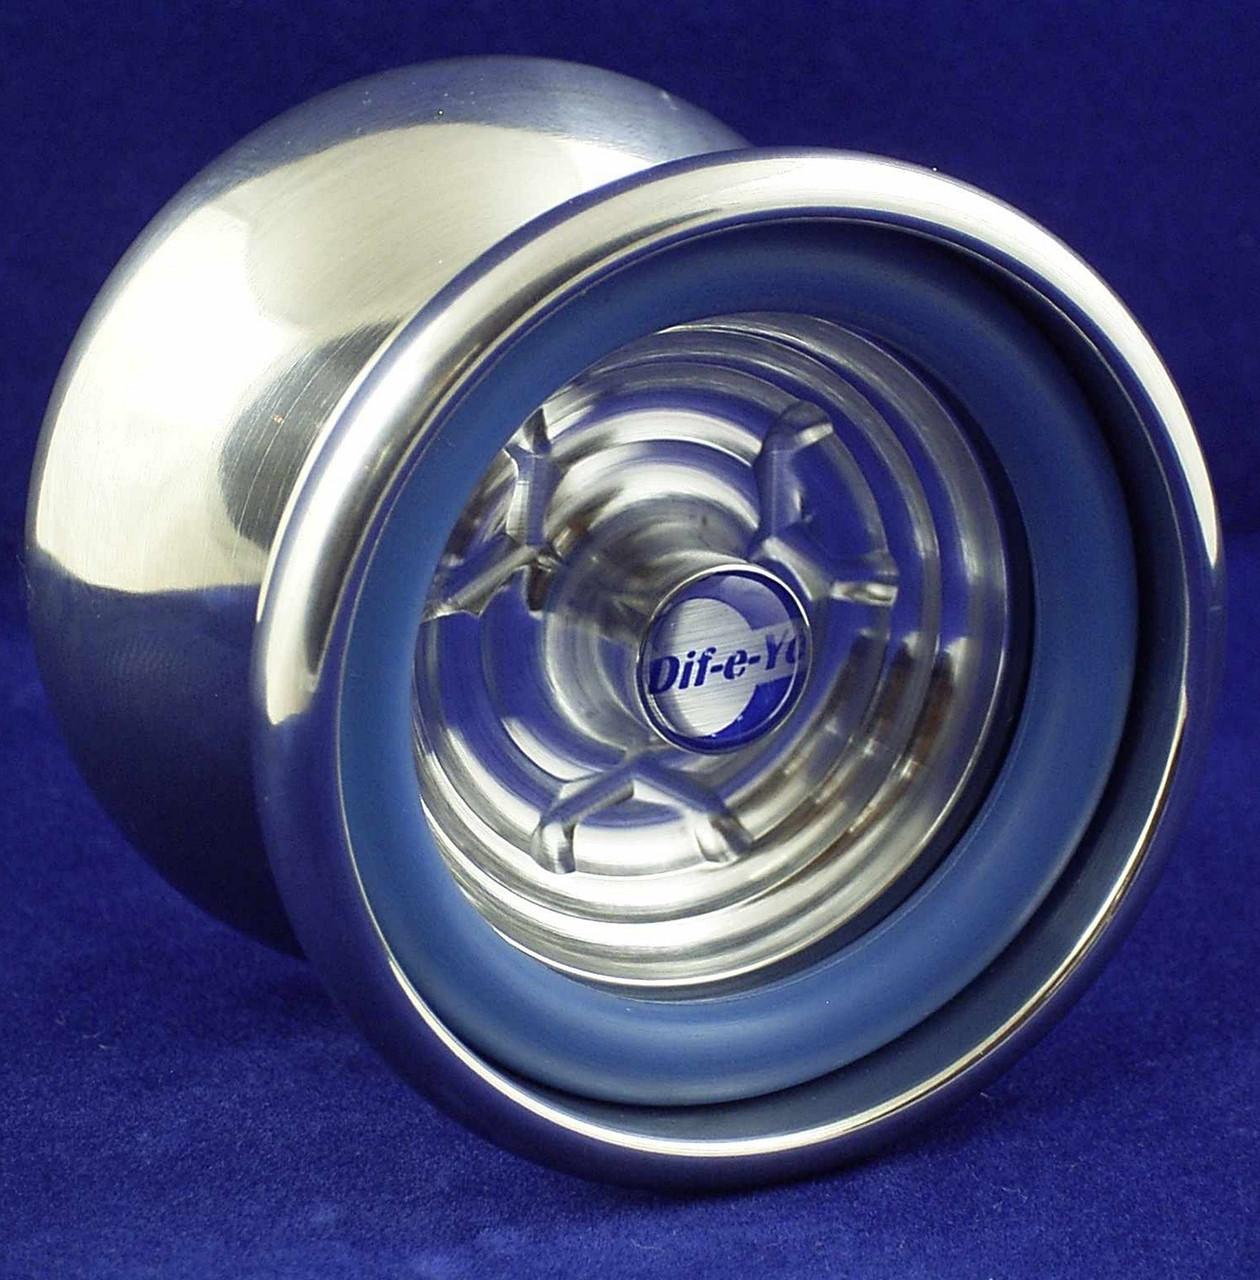 .030 Thick Dif-e-yo Yo-Yo Dif Pads .555 size